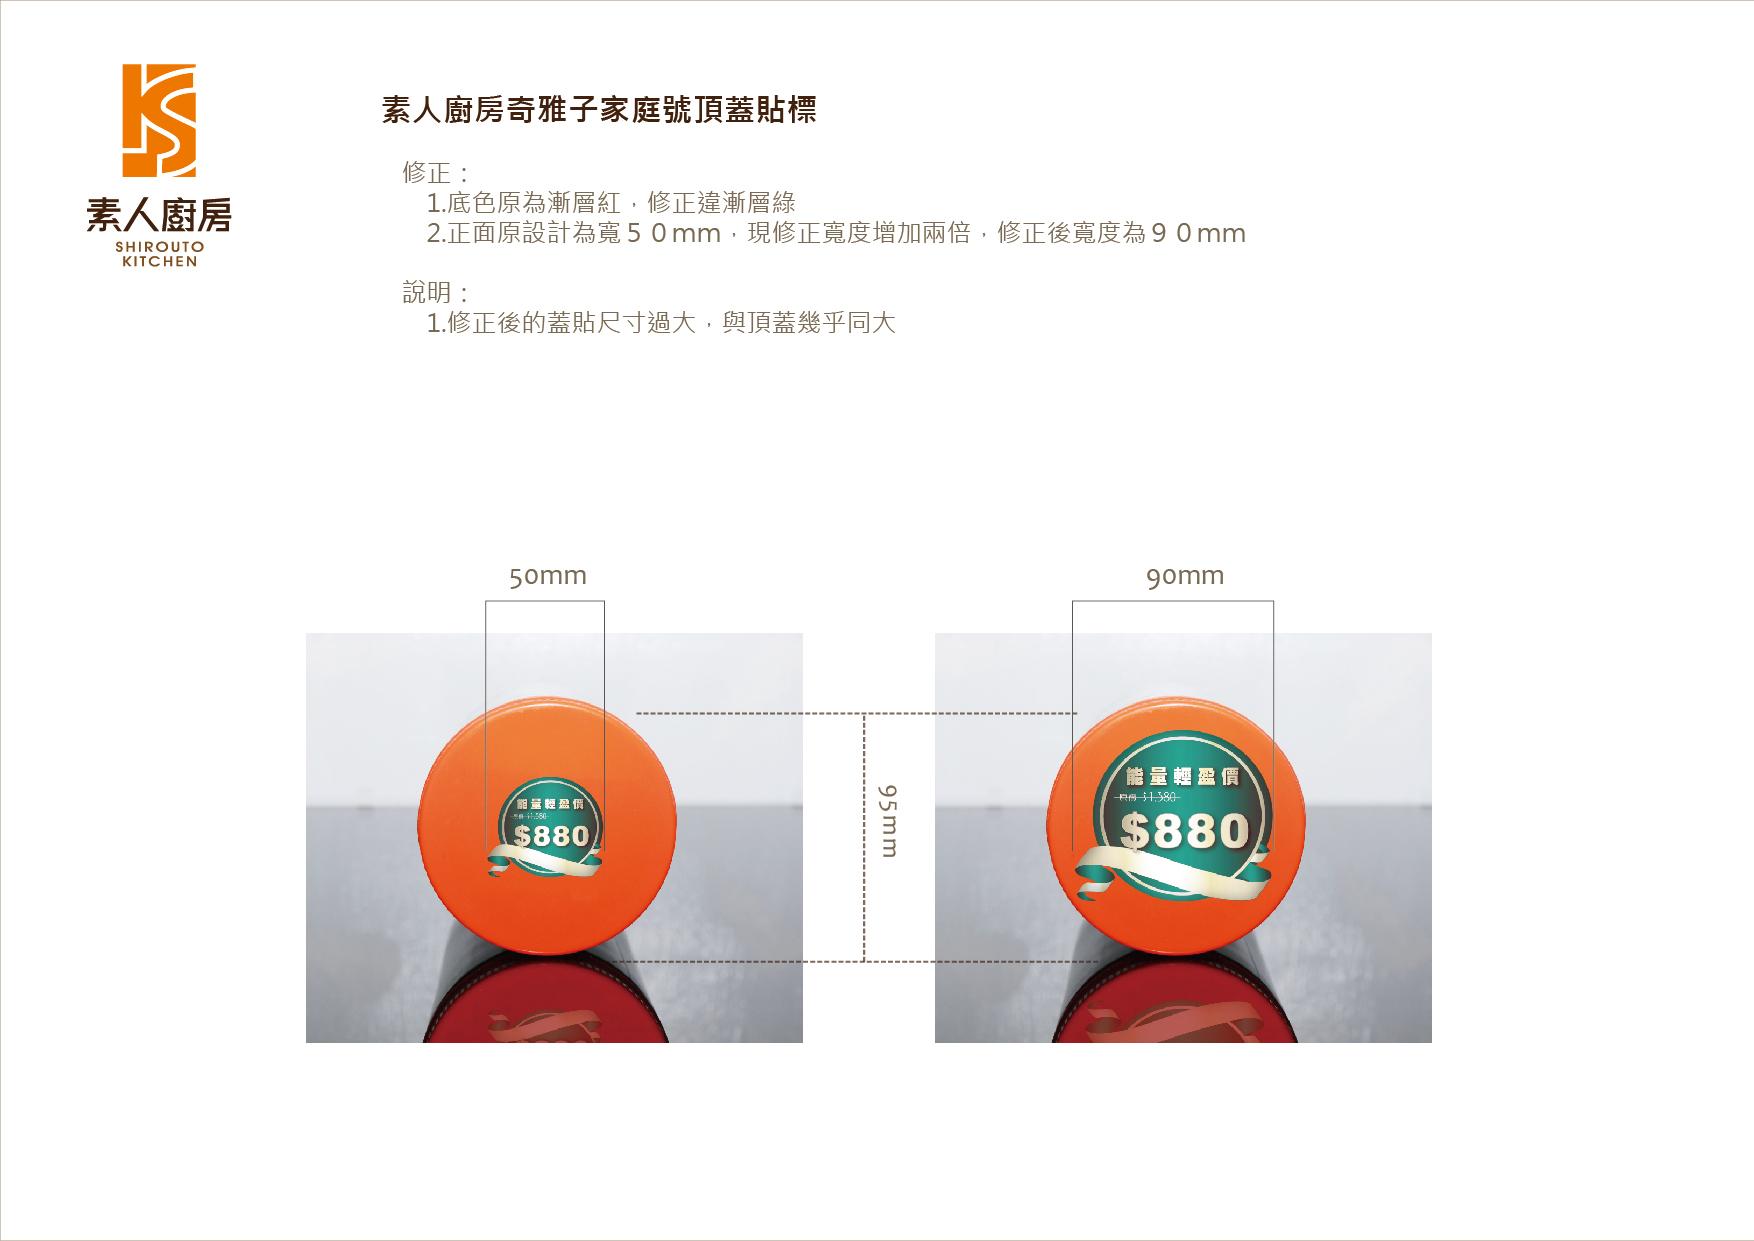 清歡奇雅子家庭號頂蓋貼標變更_v151019a